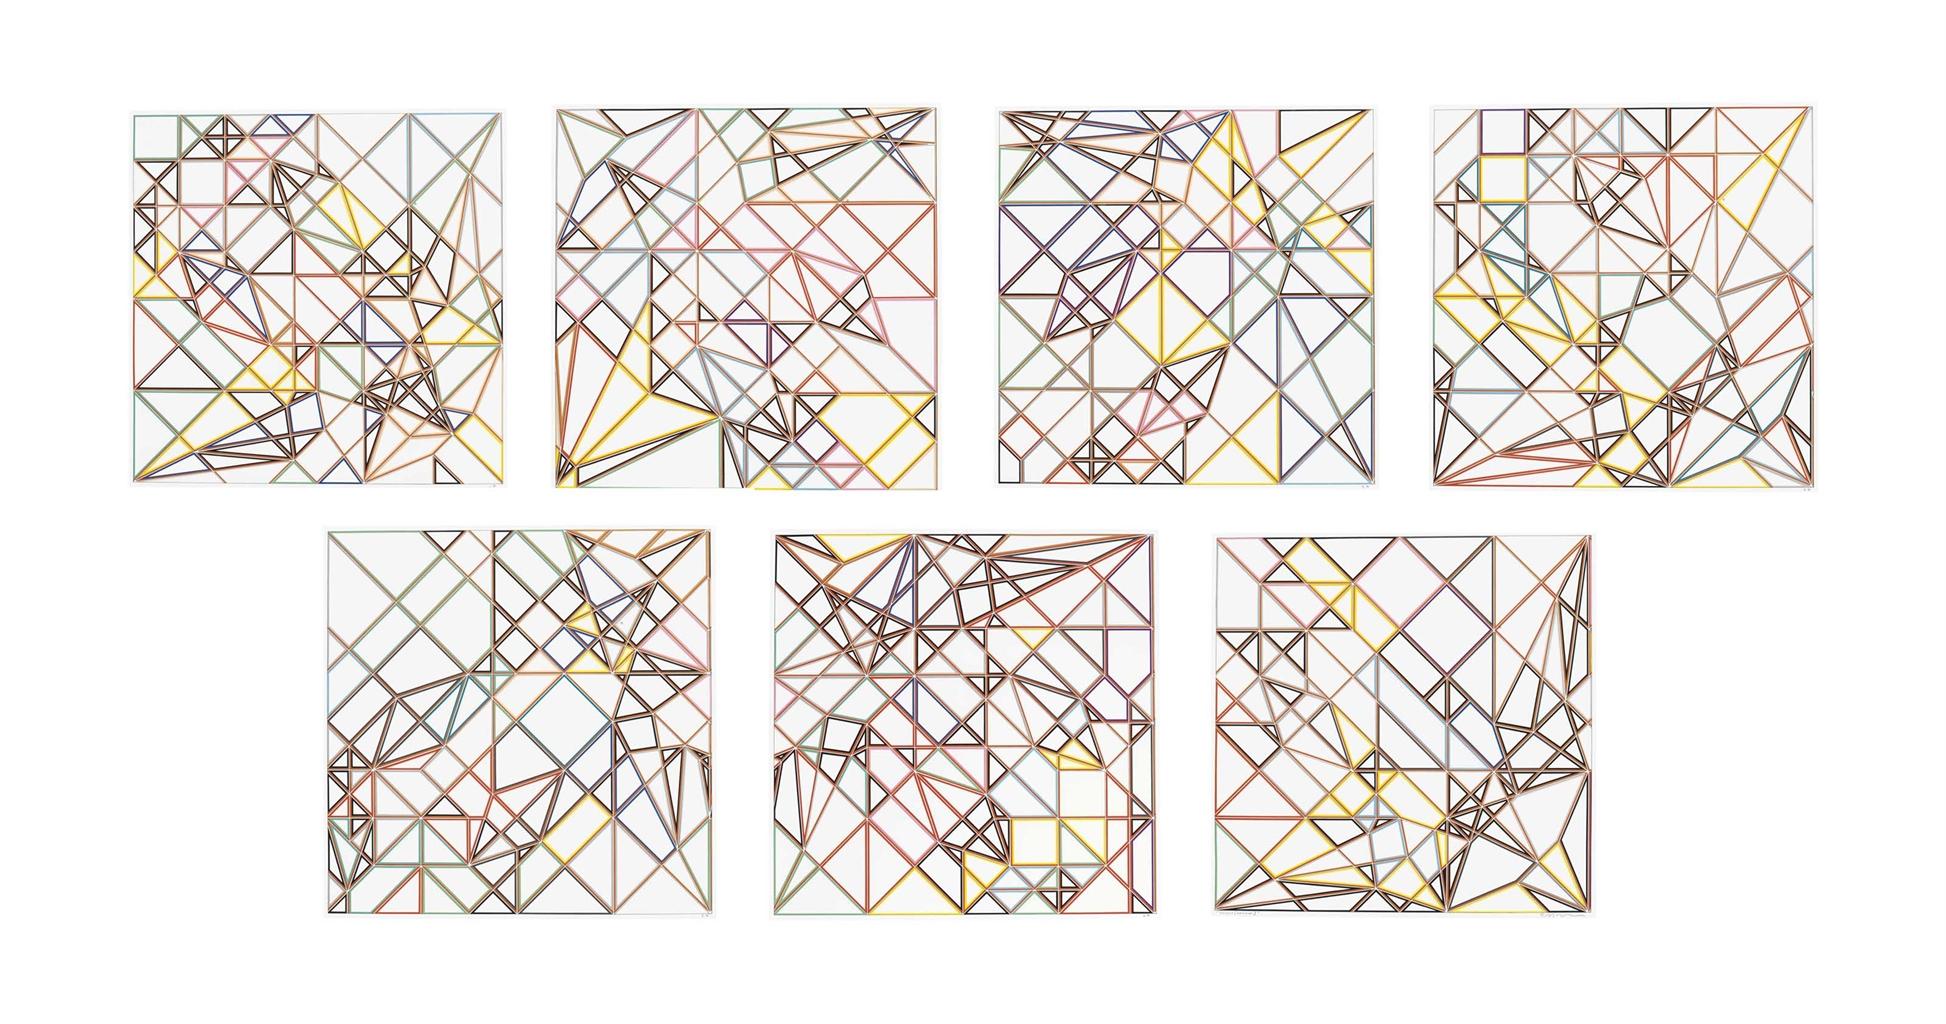 Sarah Morris-Taurus [Origami]-2009